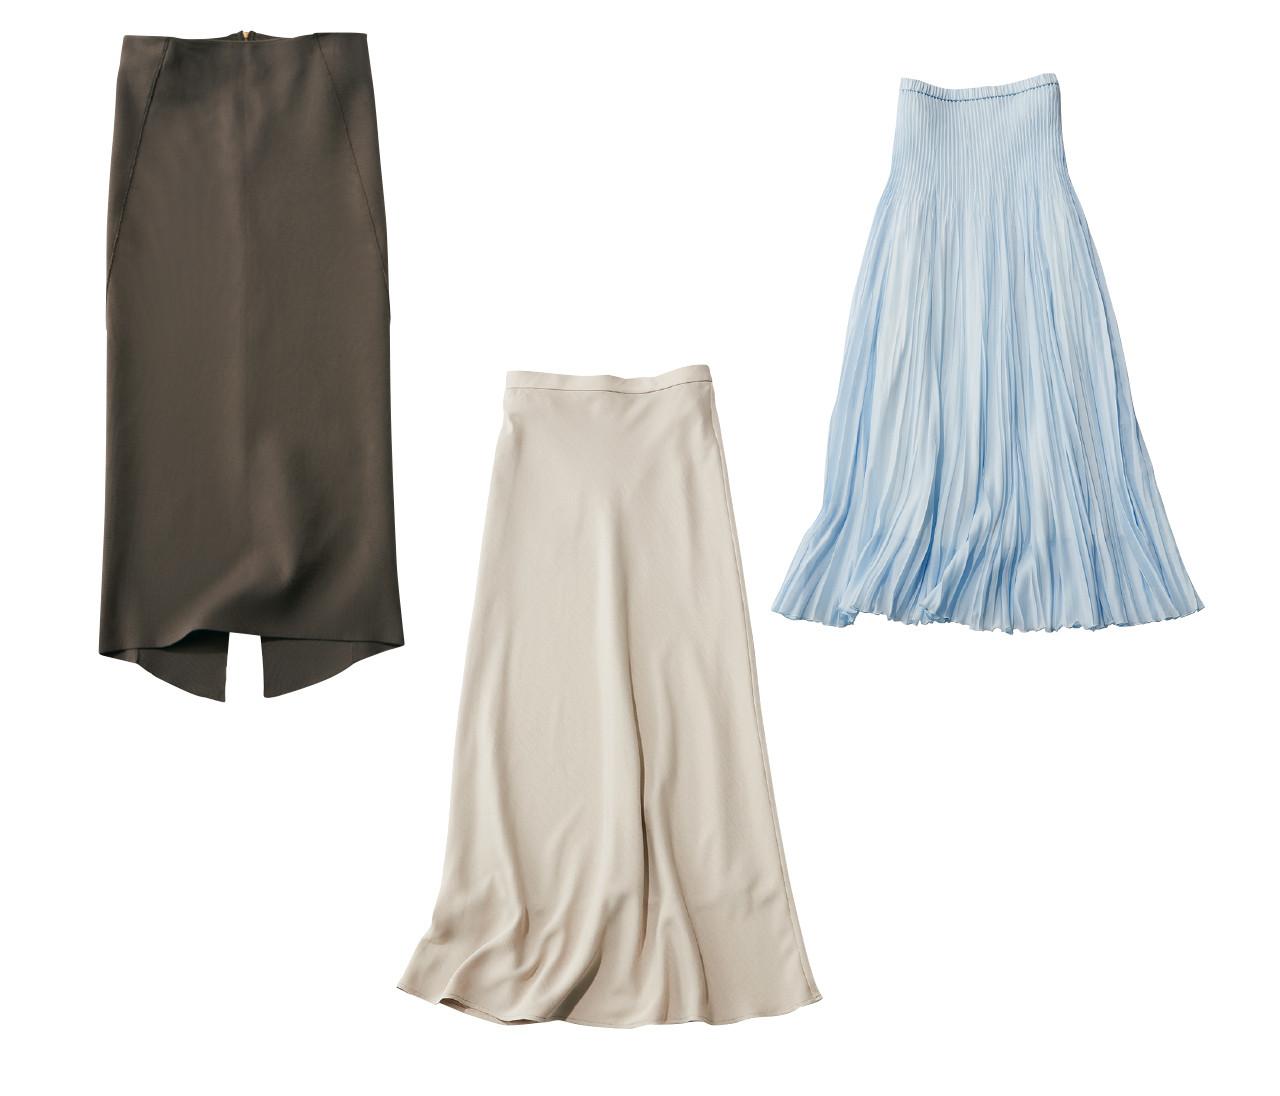 【スカート派OLの着回しワードローブ】この春、30代が仕事で使える3着のスカート&ワードローブはこれ!